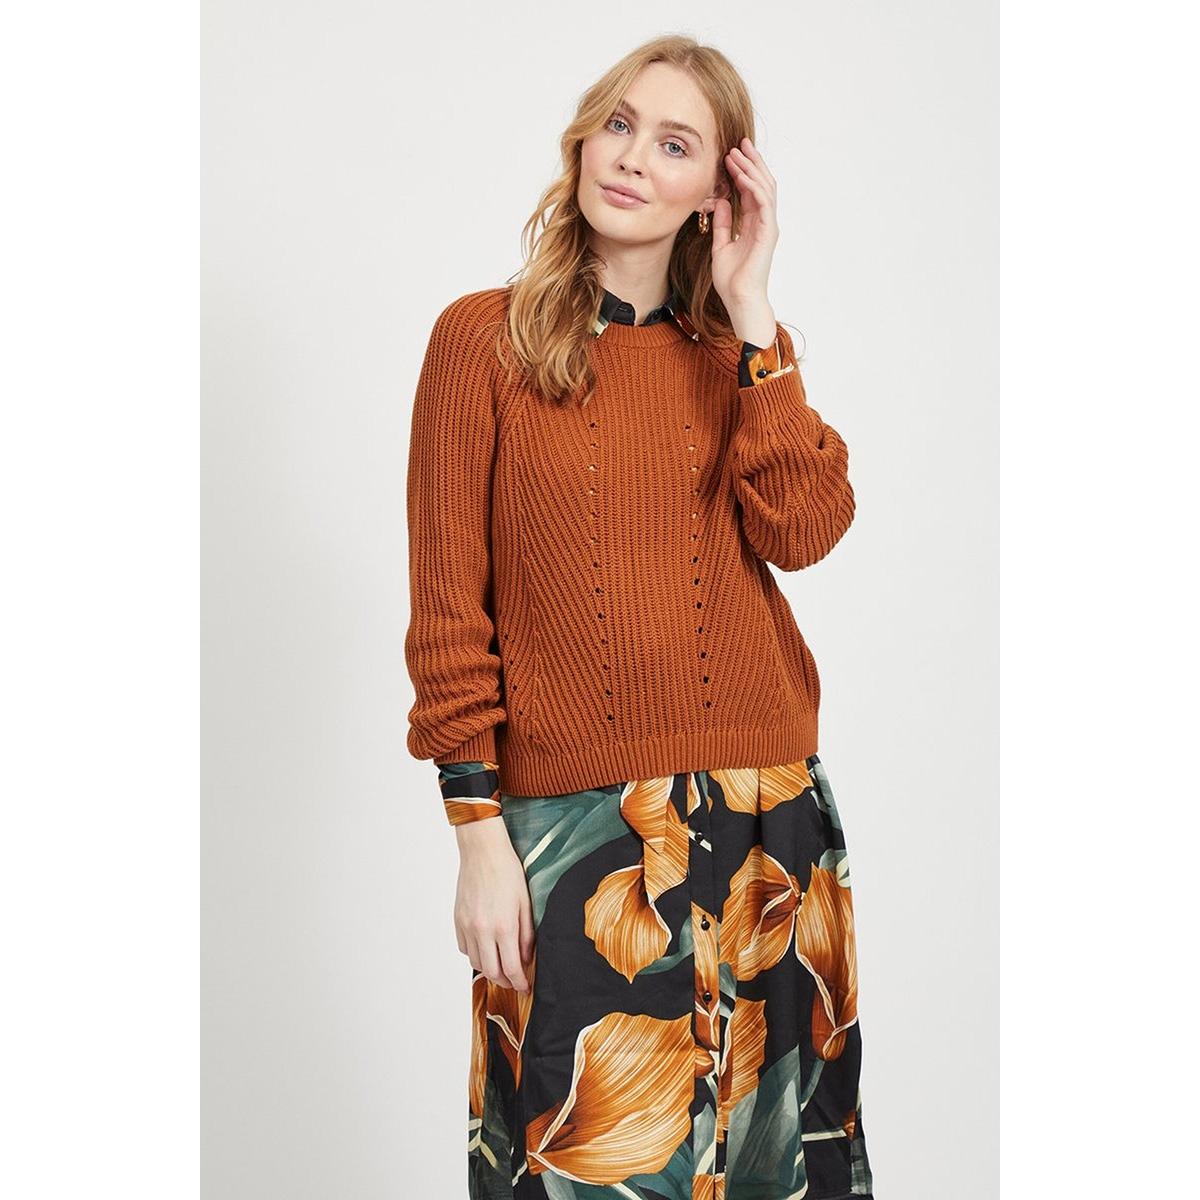 objmaya l/s knit pullover noos 23031734 object trui sugar almond